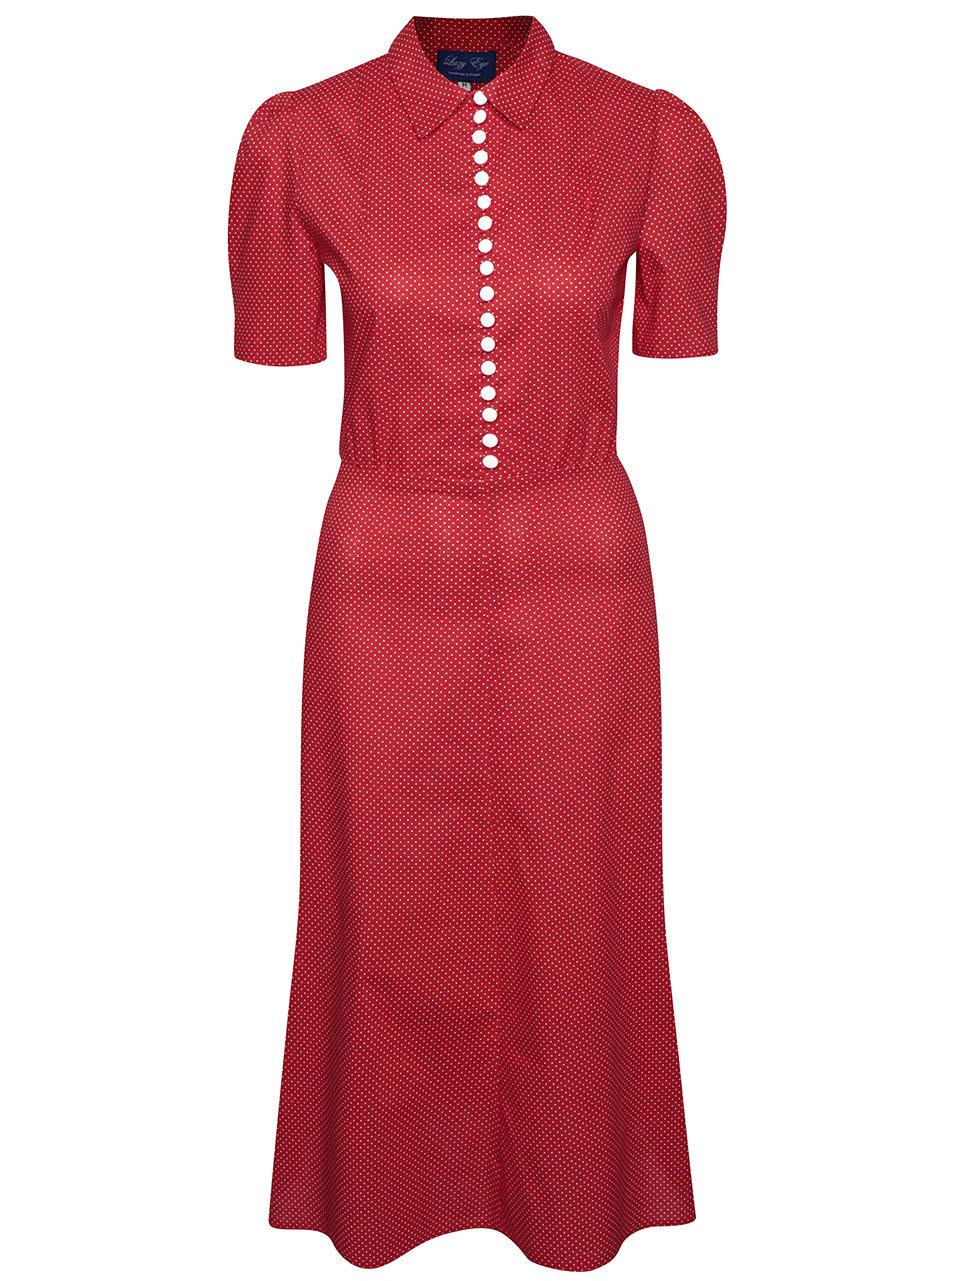 89b13480c8bb Červené bodkované retro šaty s gombíkmi Lazy Eye Marlen ...